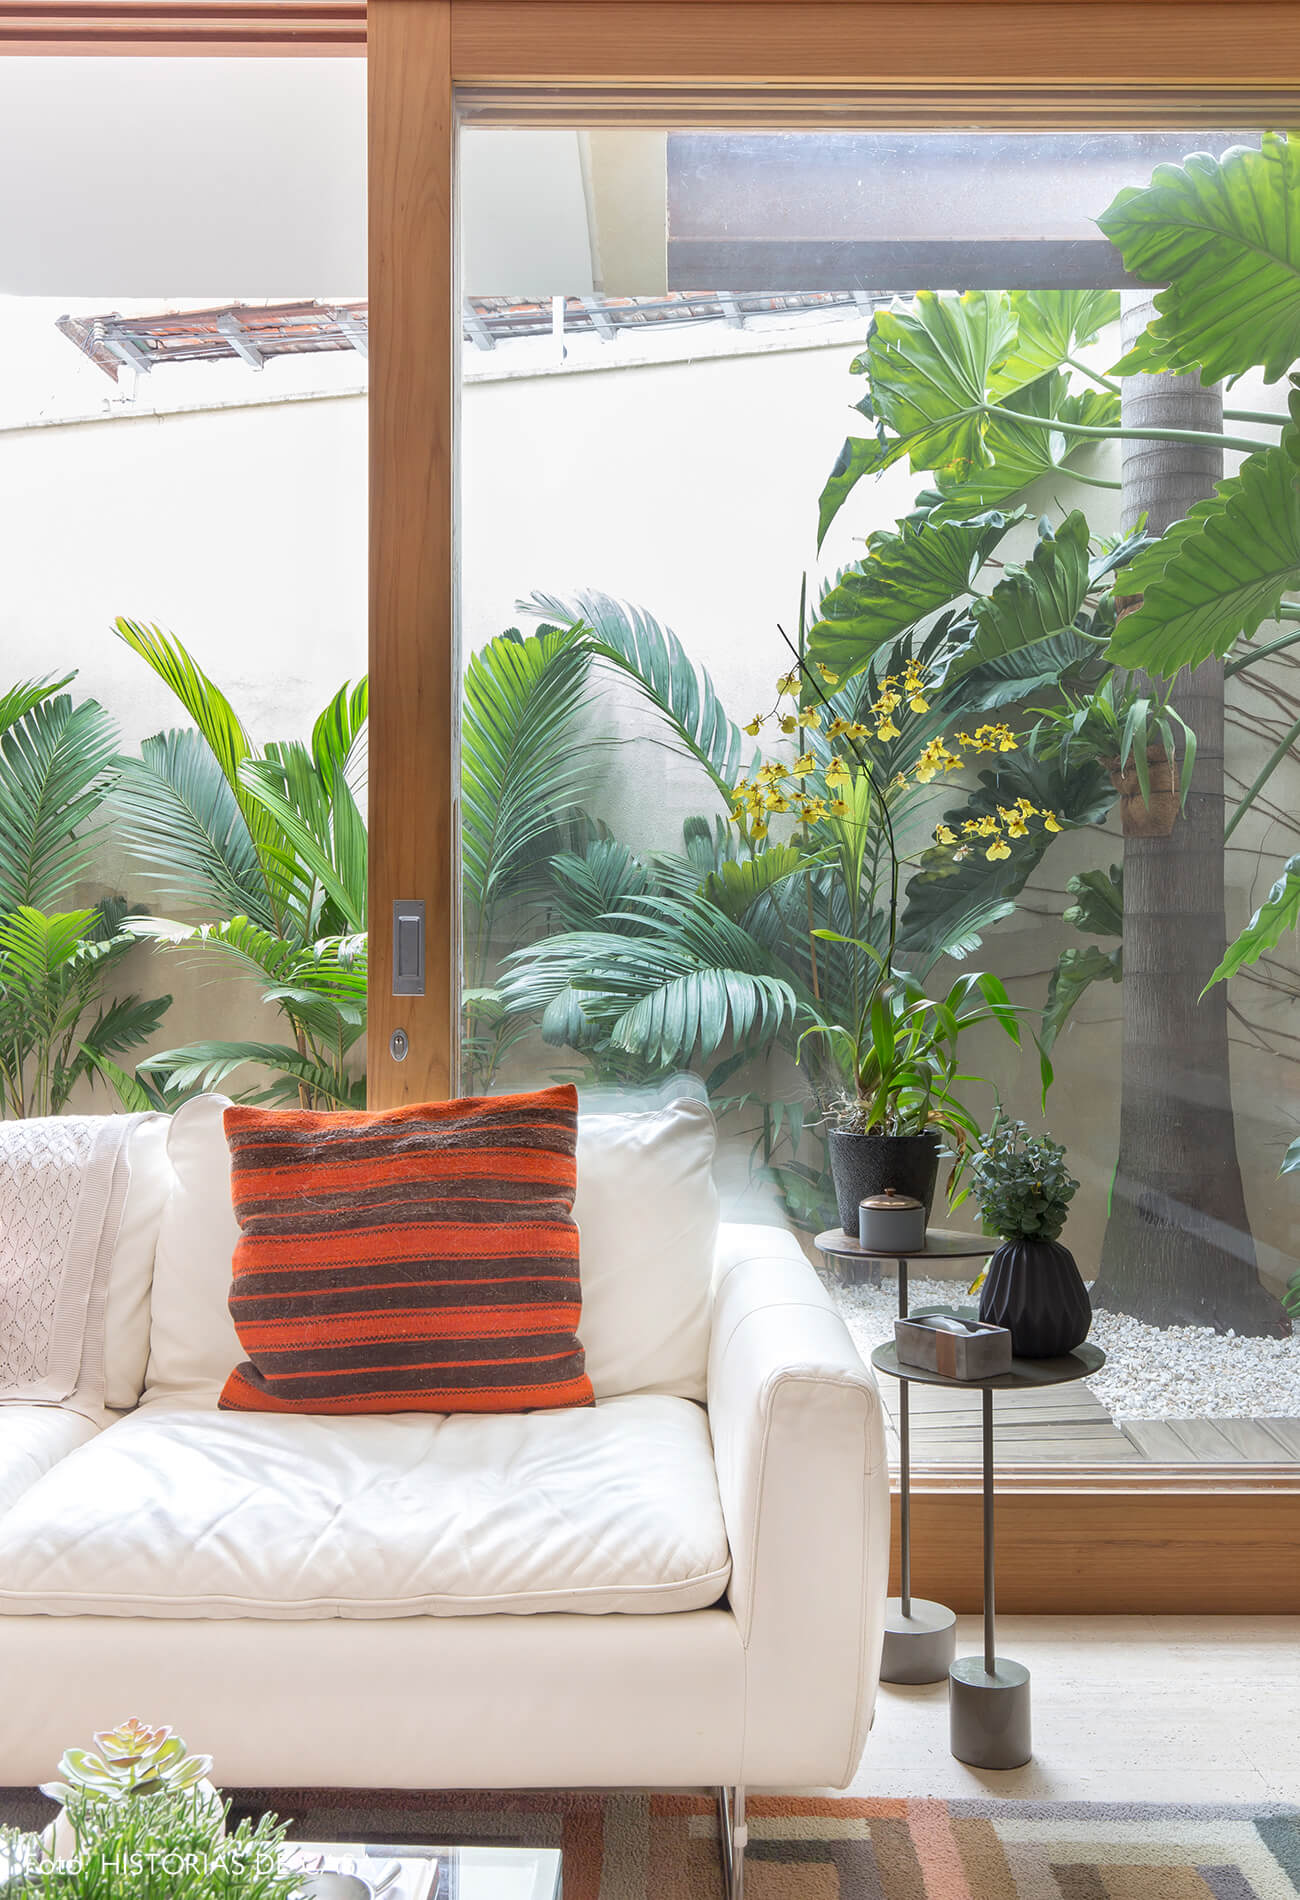 Casa com jardim e esquadrias de madeira